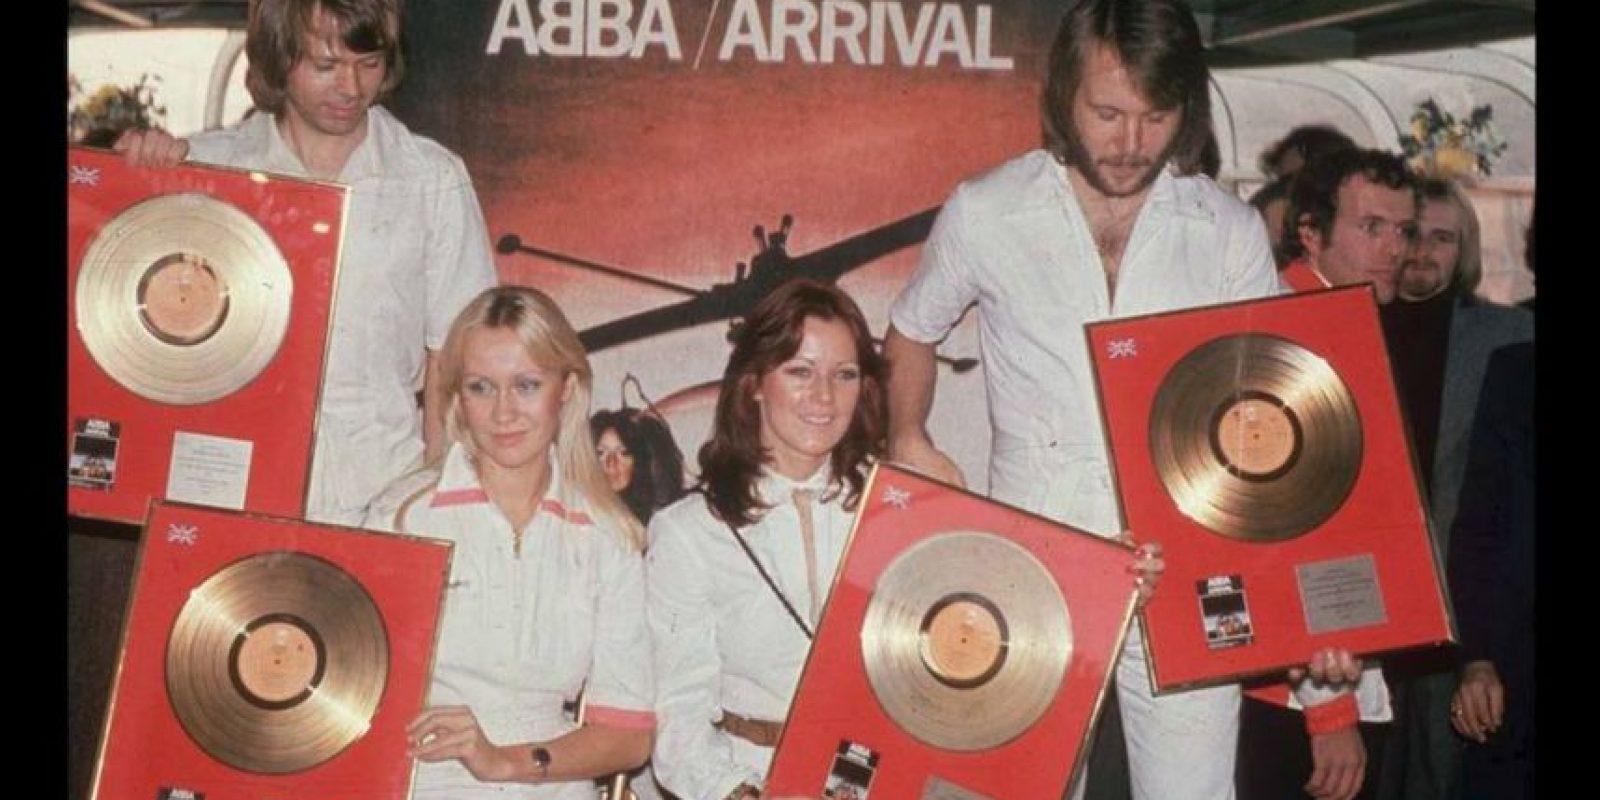 """La obra de teattro musical """"Mamma mia!"""" está basada en sus grandes éxitos. Foto:Getty Images"""